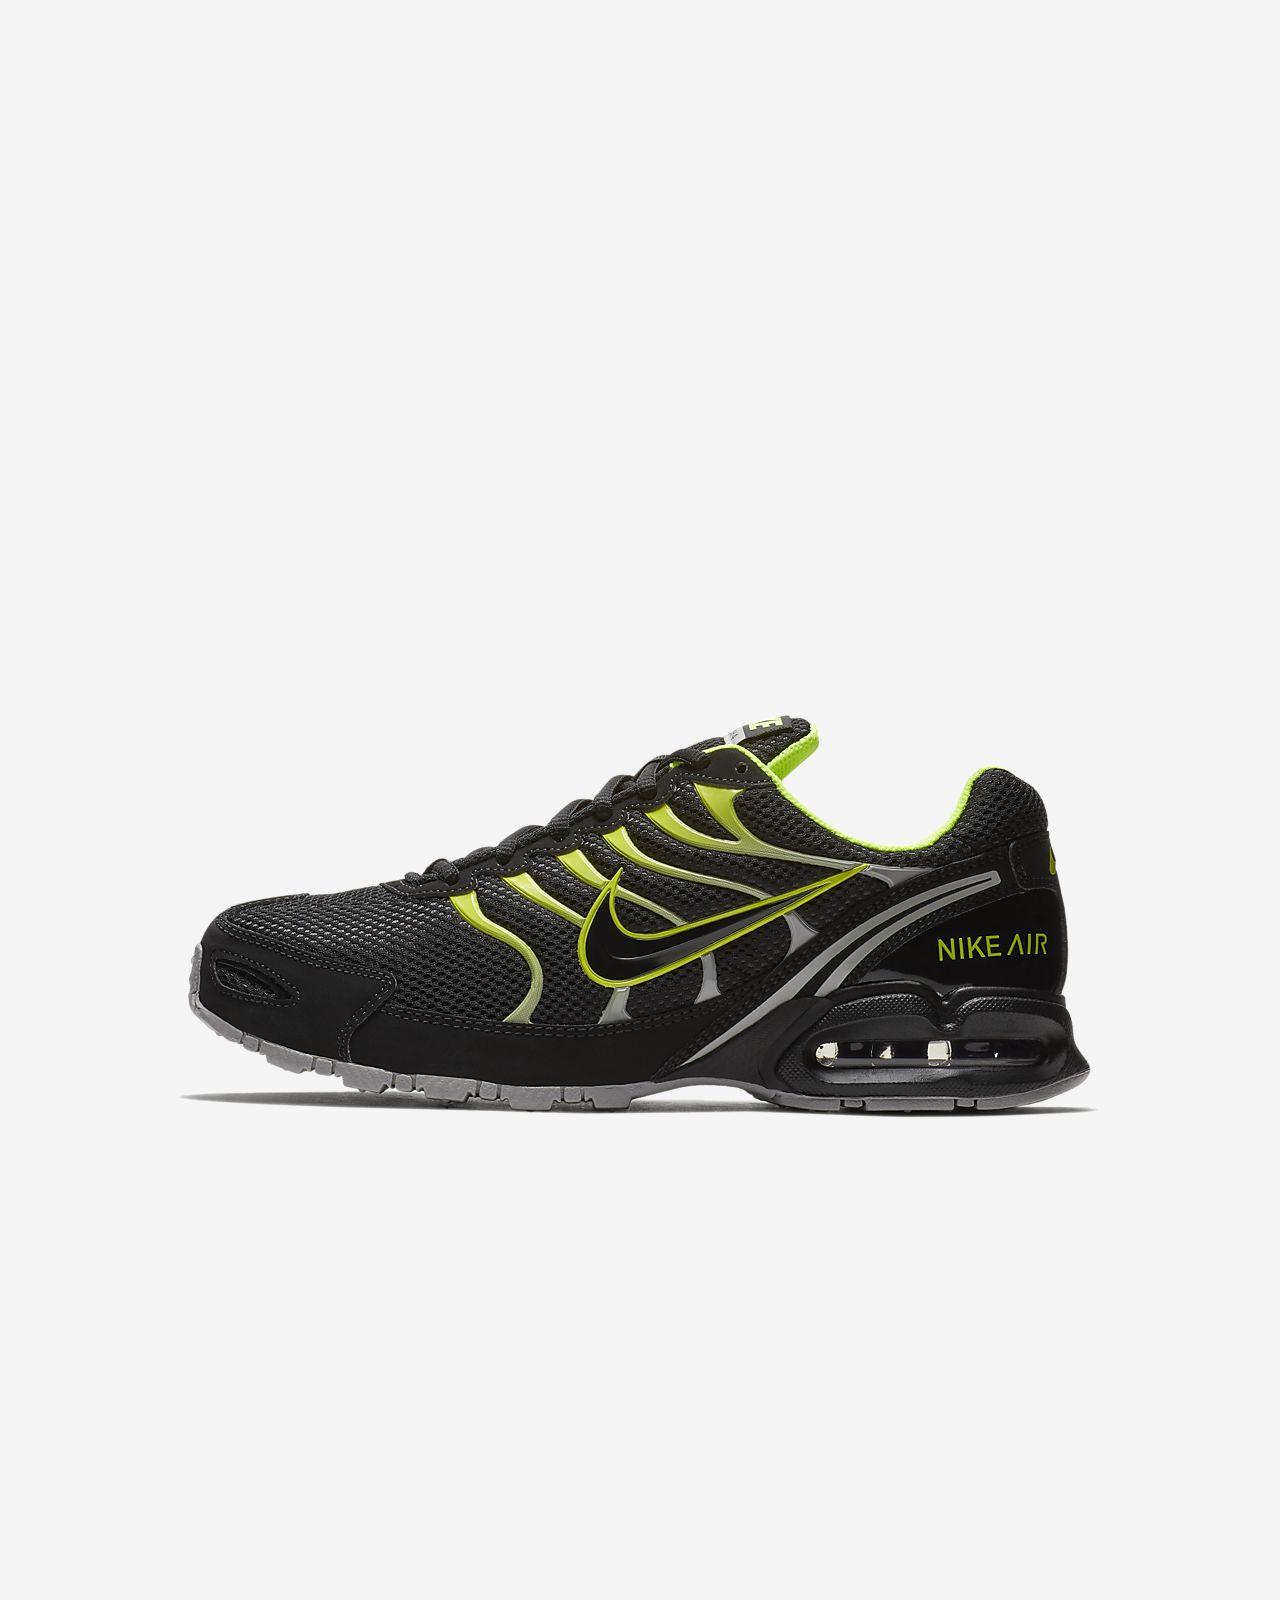 Löparsko Nike Air Max Torch 4 för män